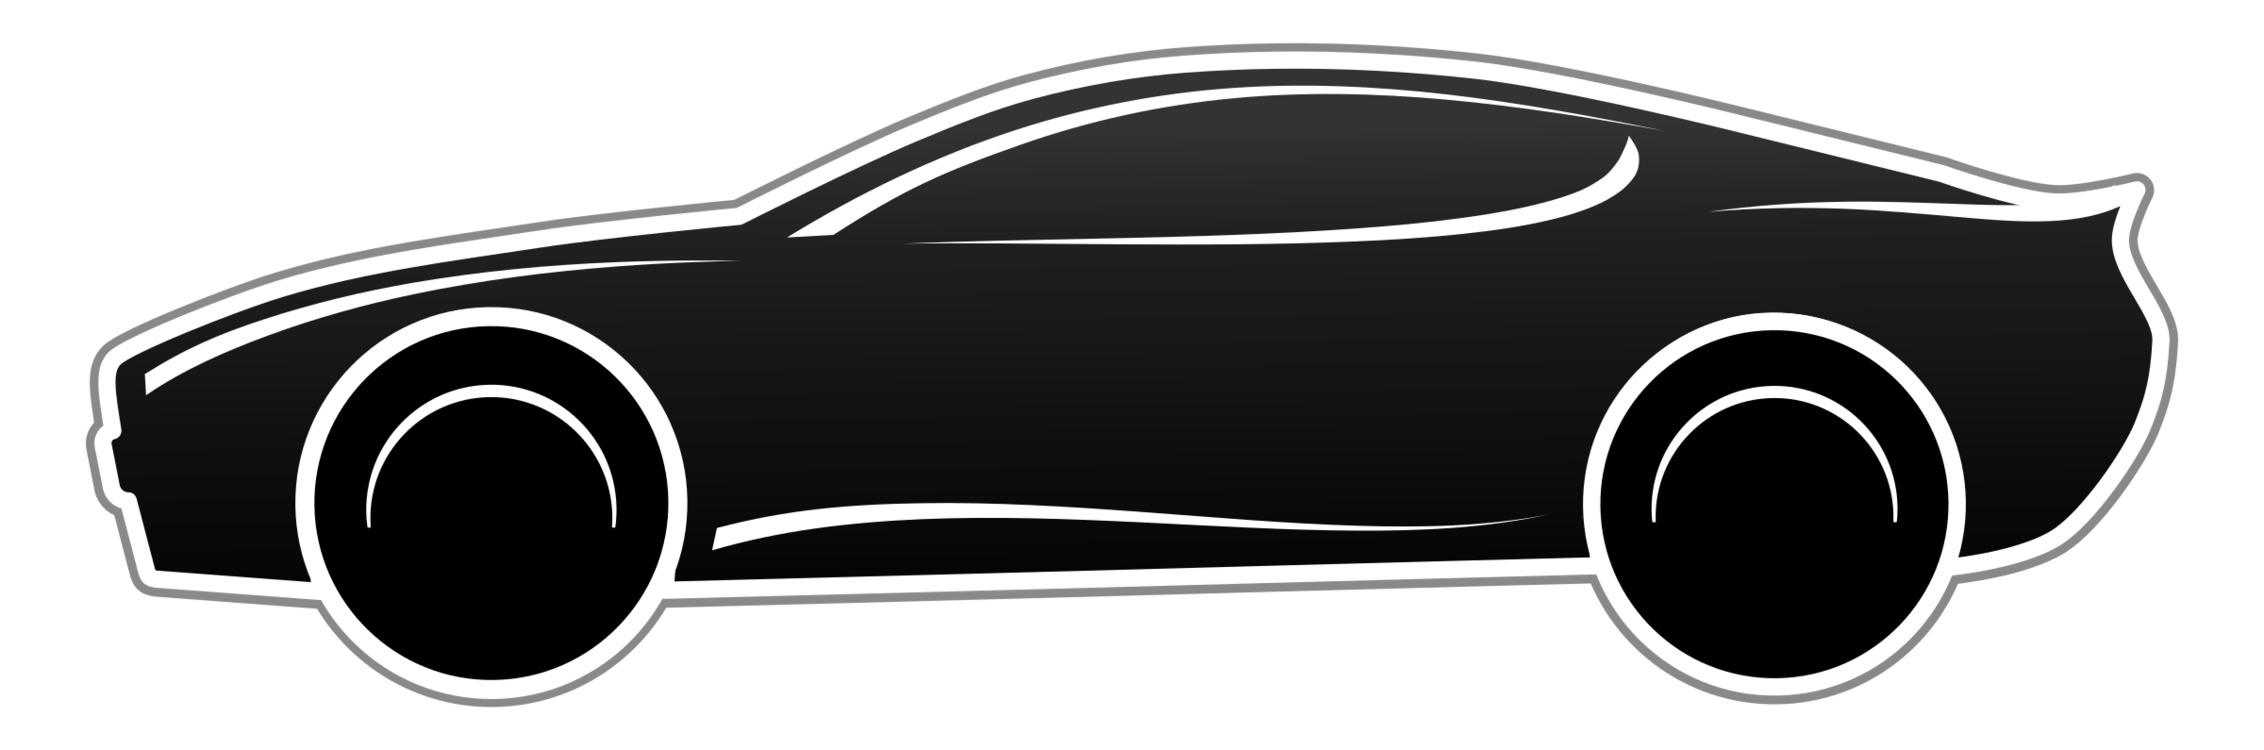 Compact Car,Car,Brand Clipart.